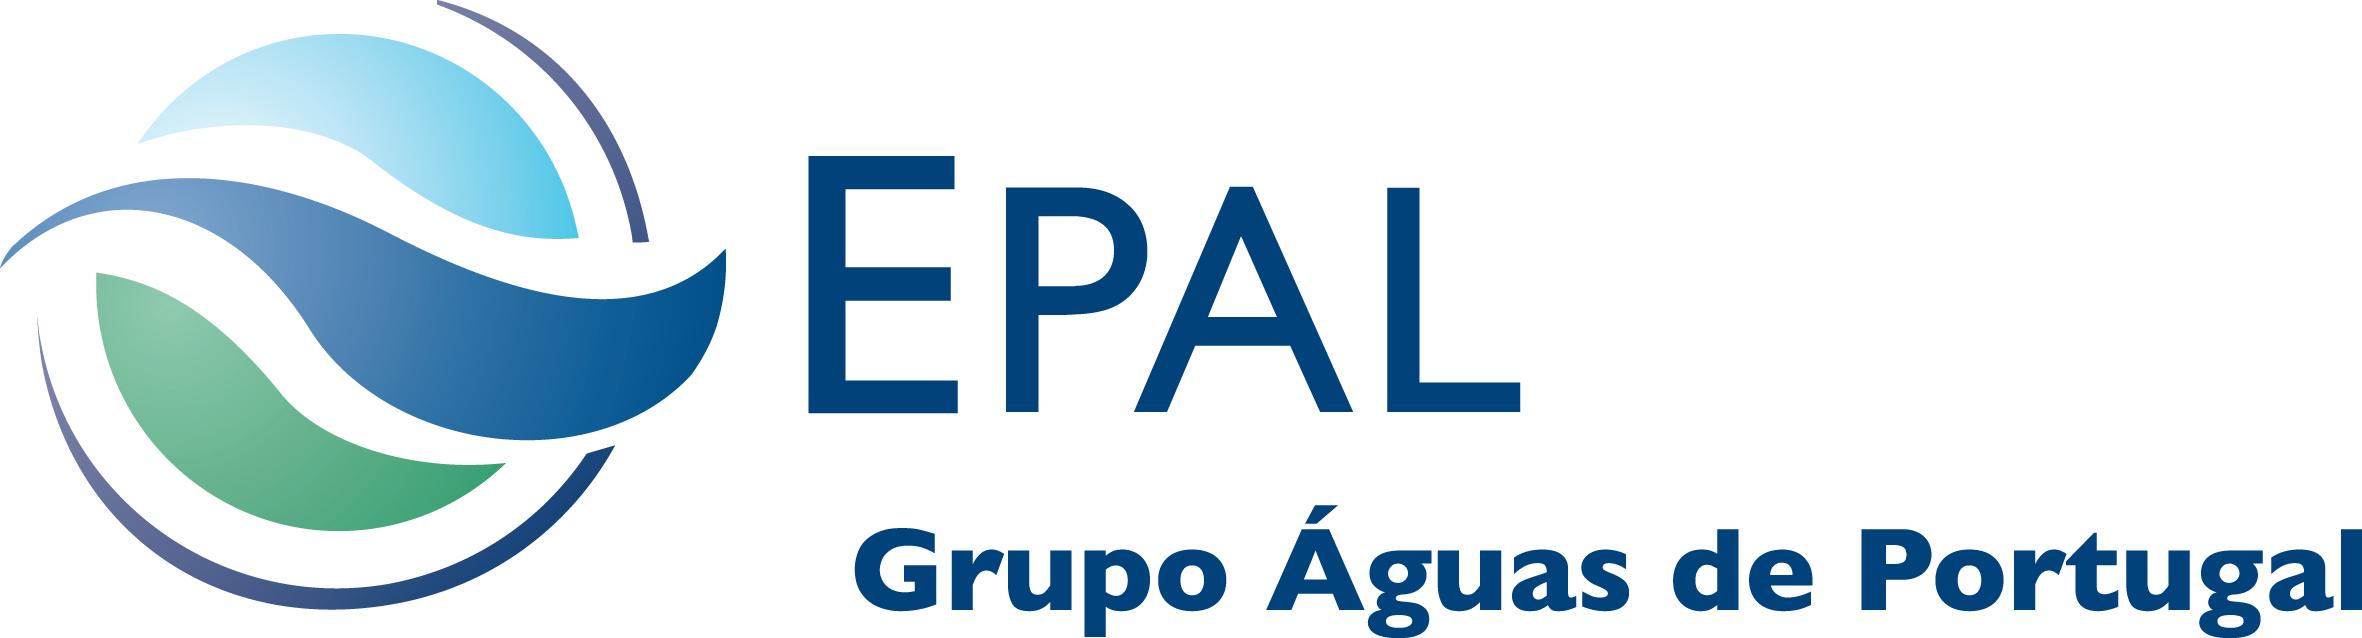 logo Epal